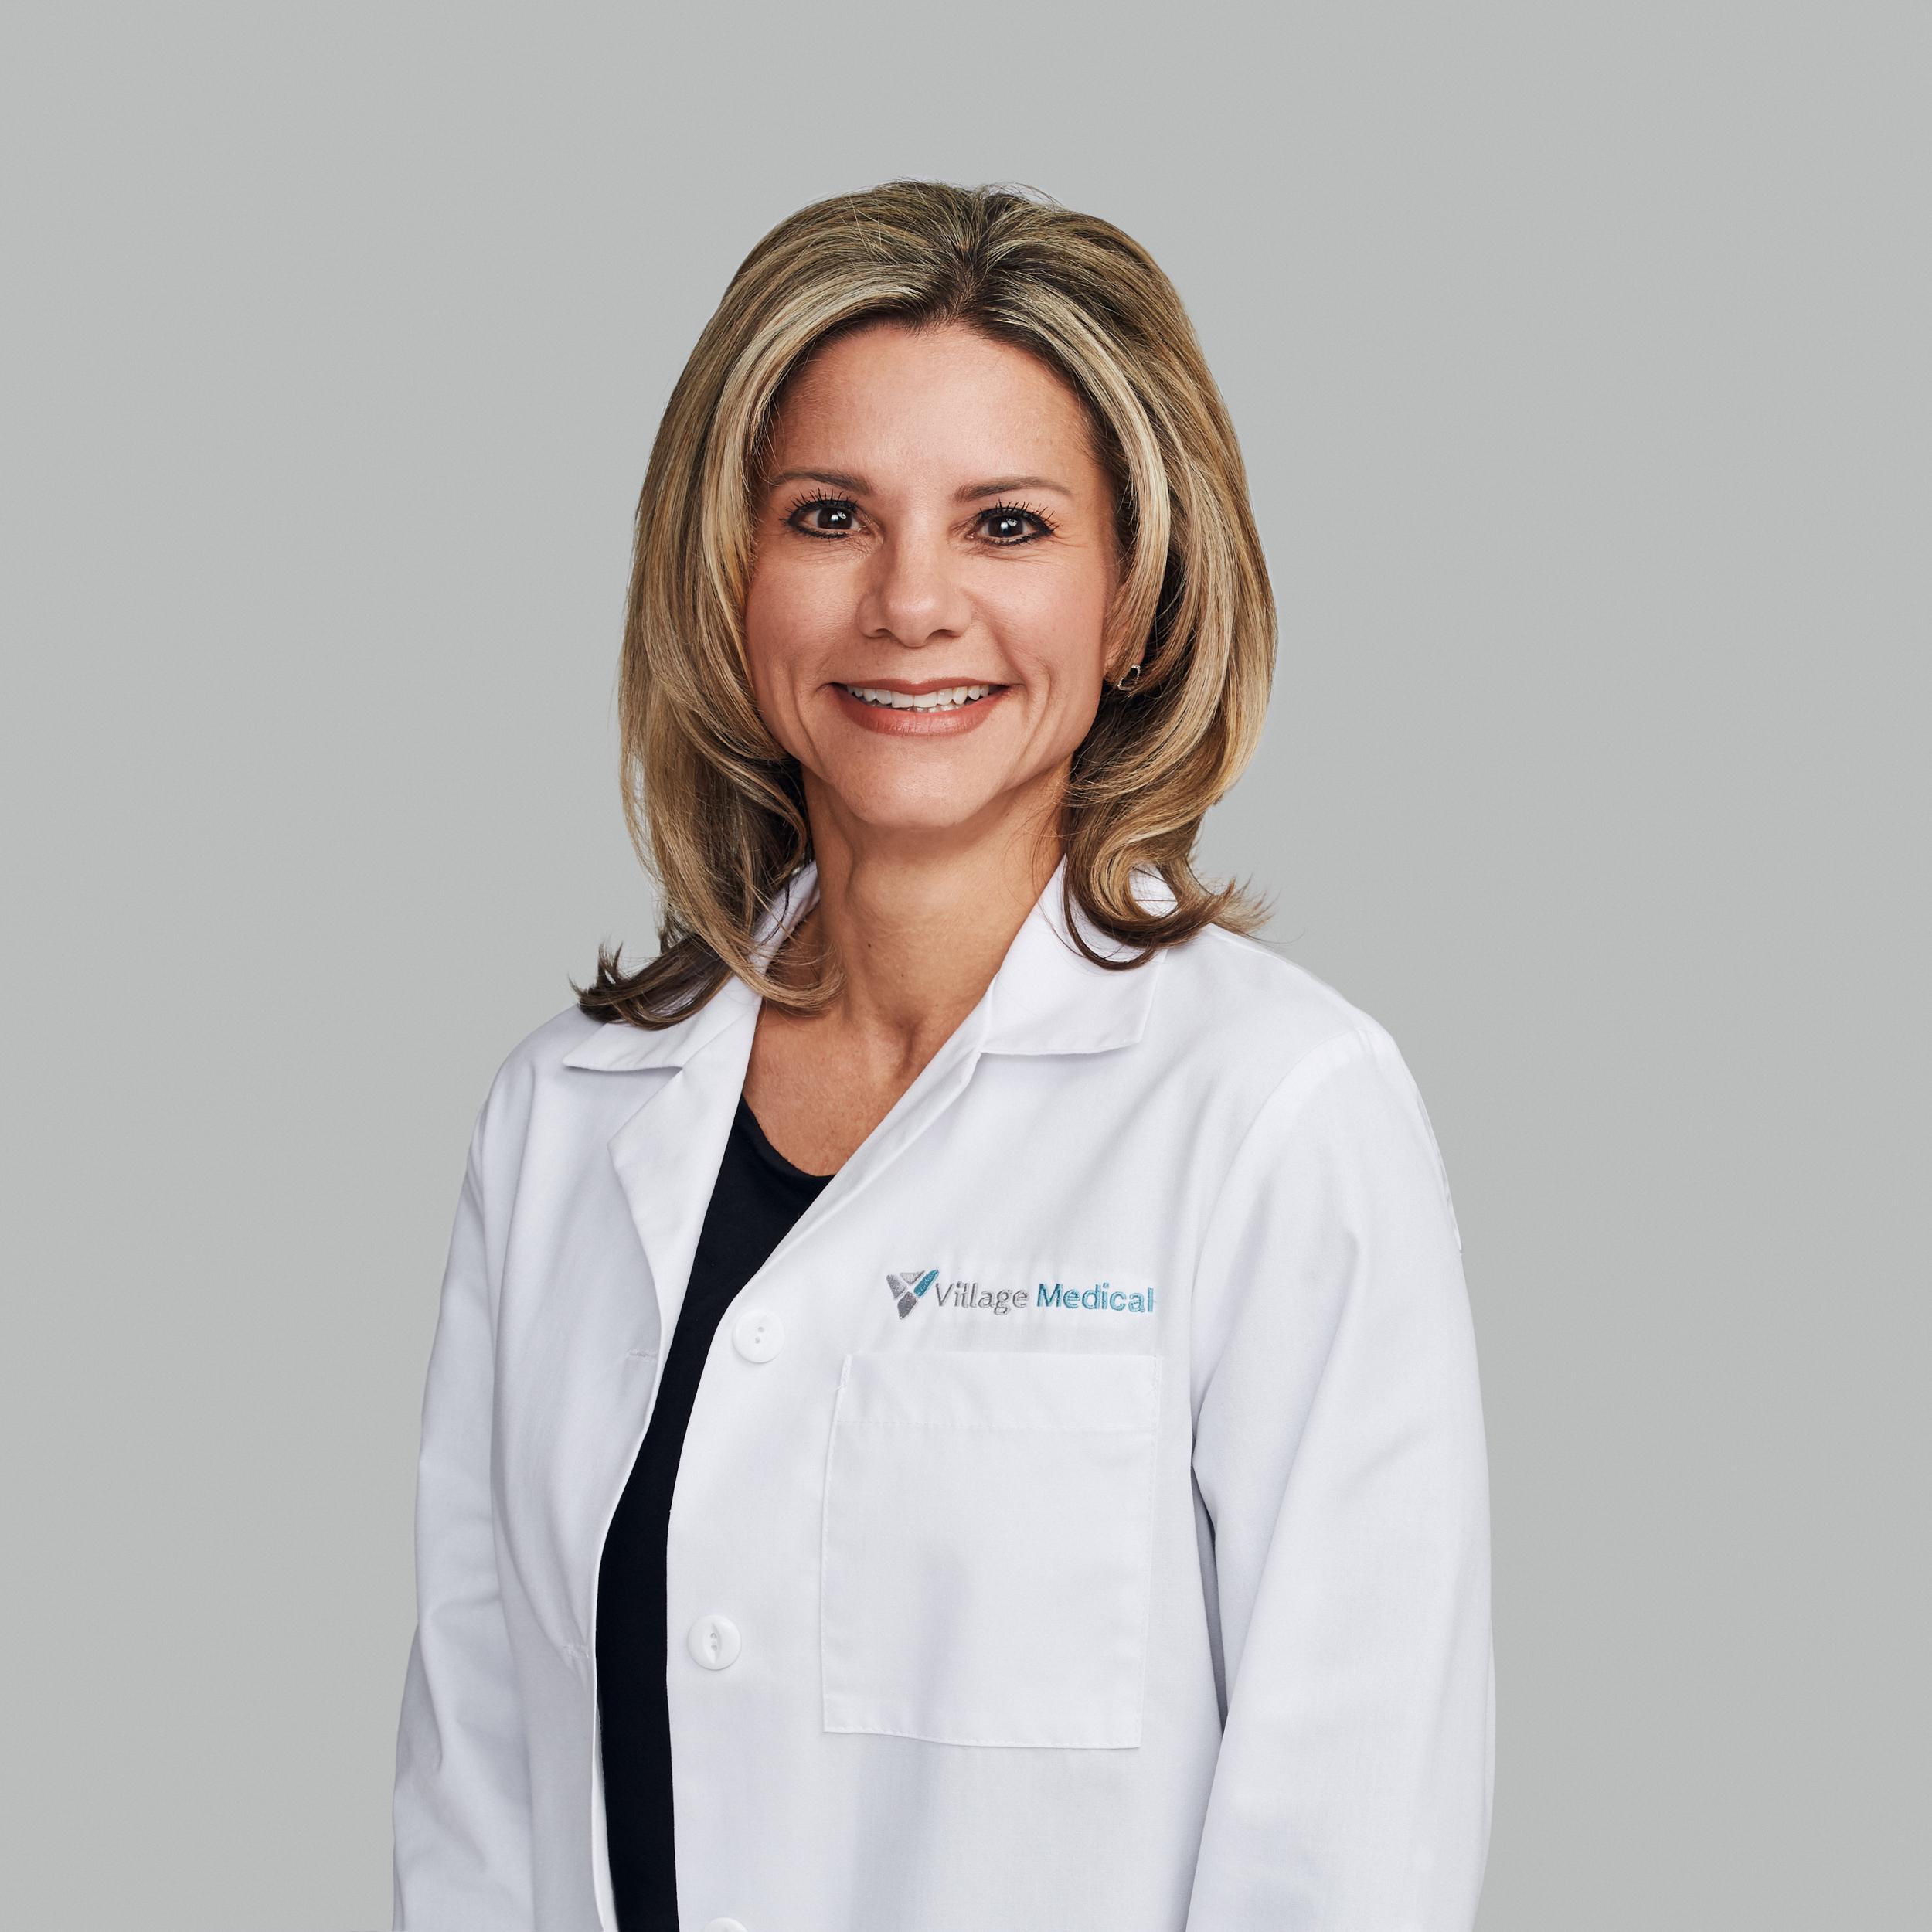 Karen Wetherell, MD